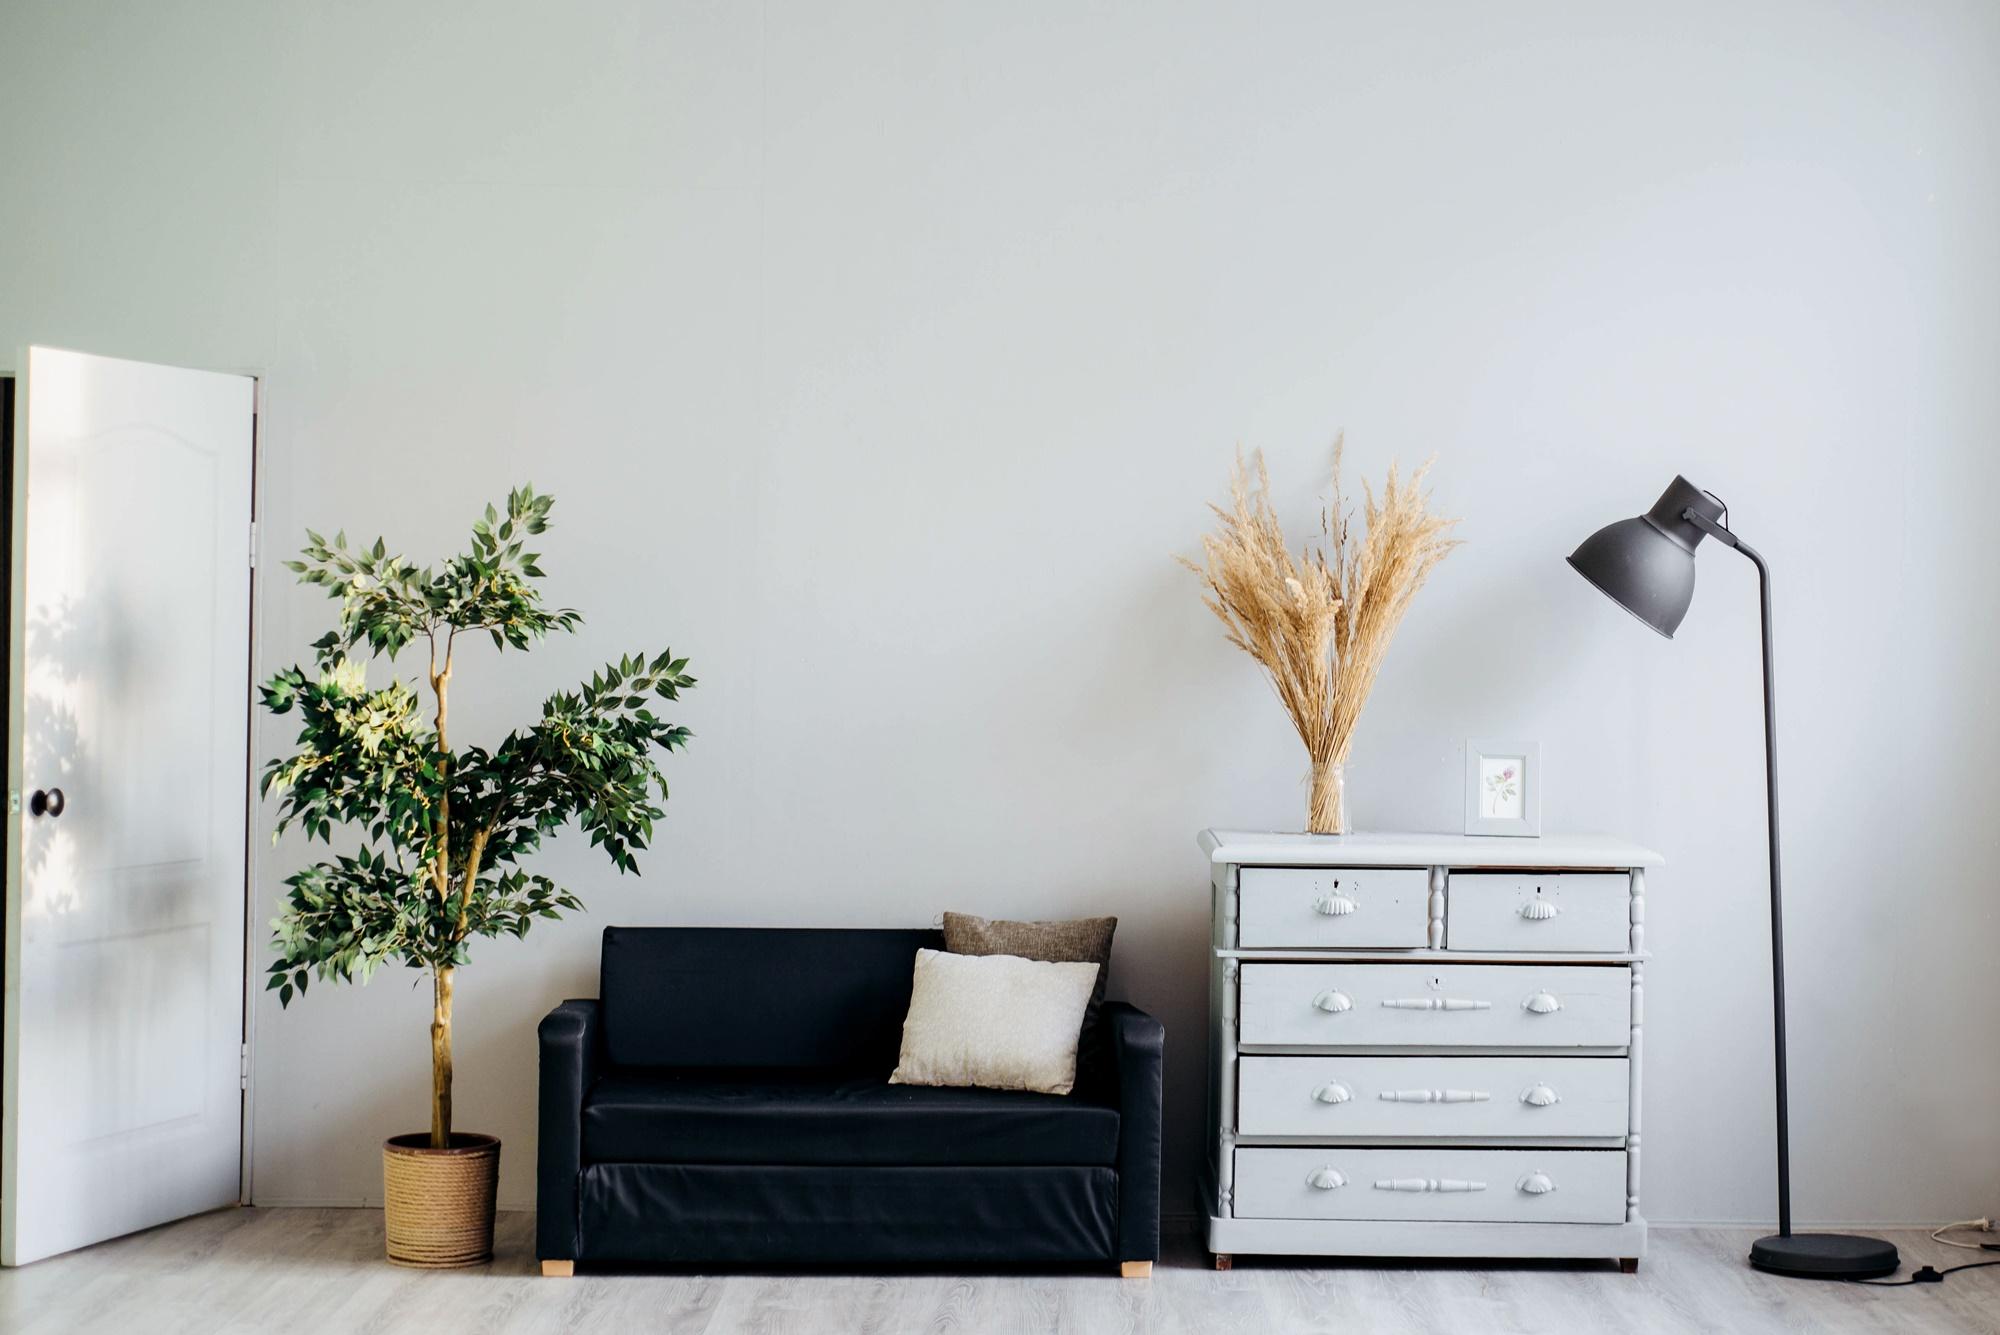 部屋をきれいに保つ簡単な3つの方法